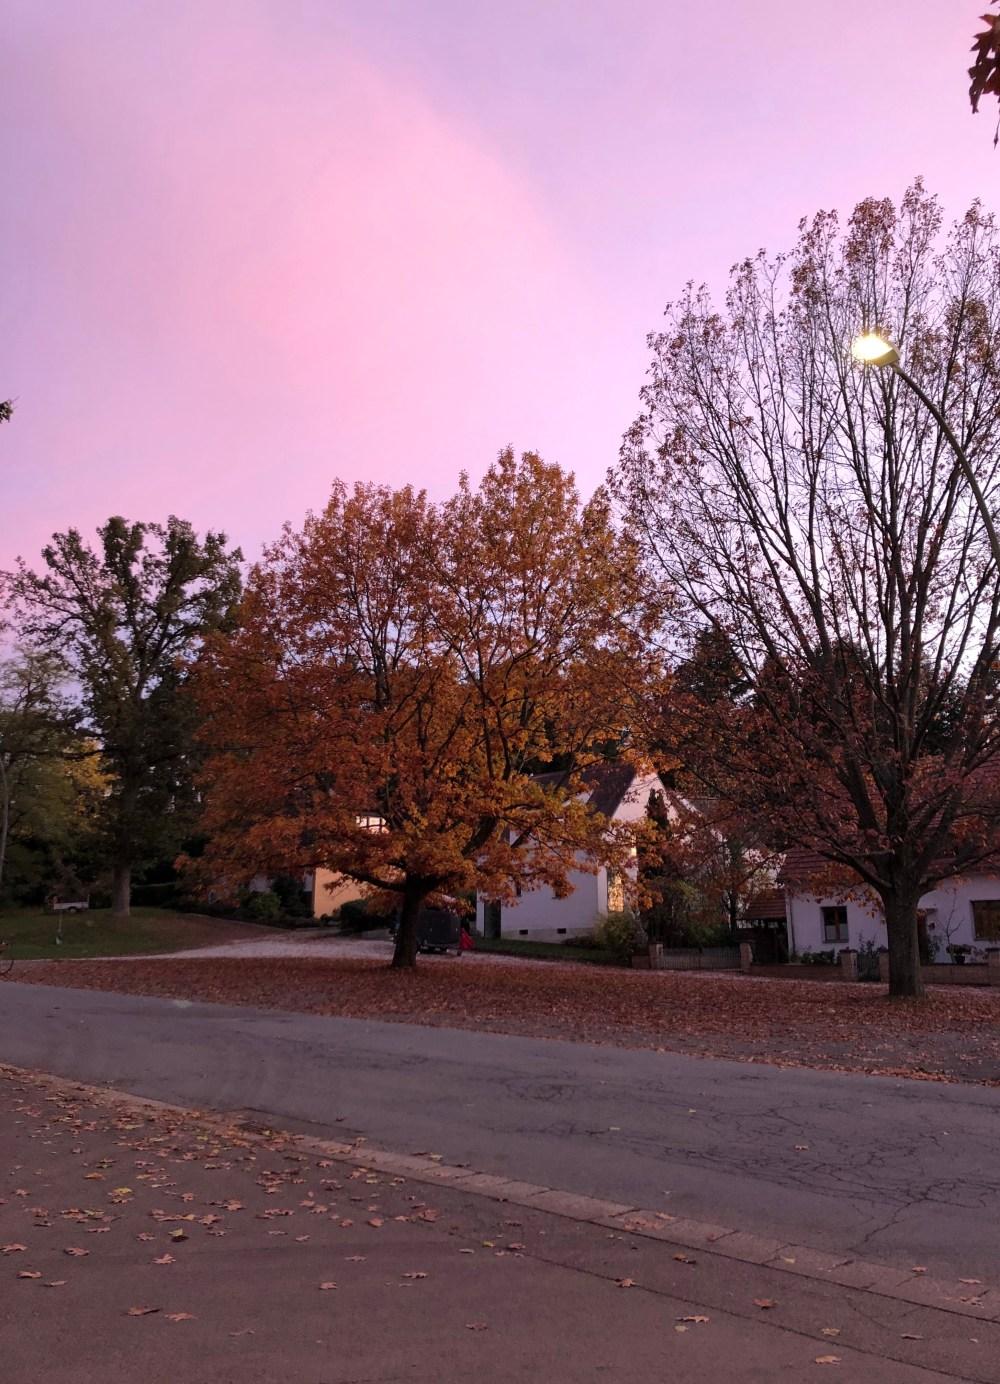 Bäume unter rosigen Wolken